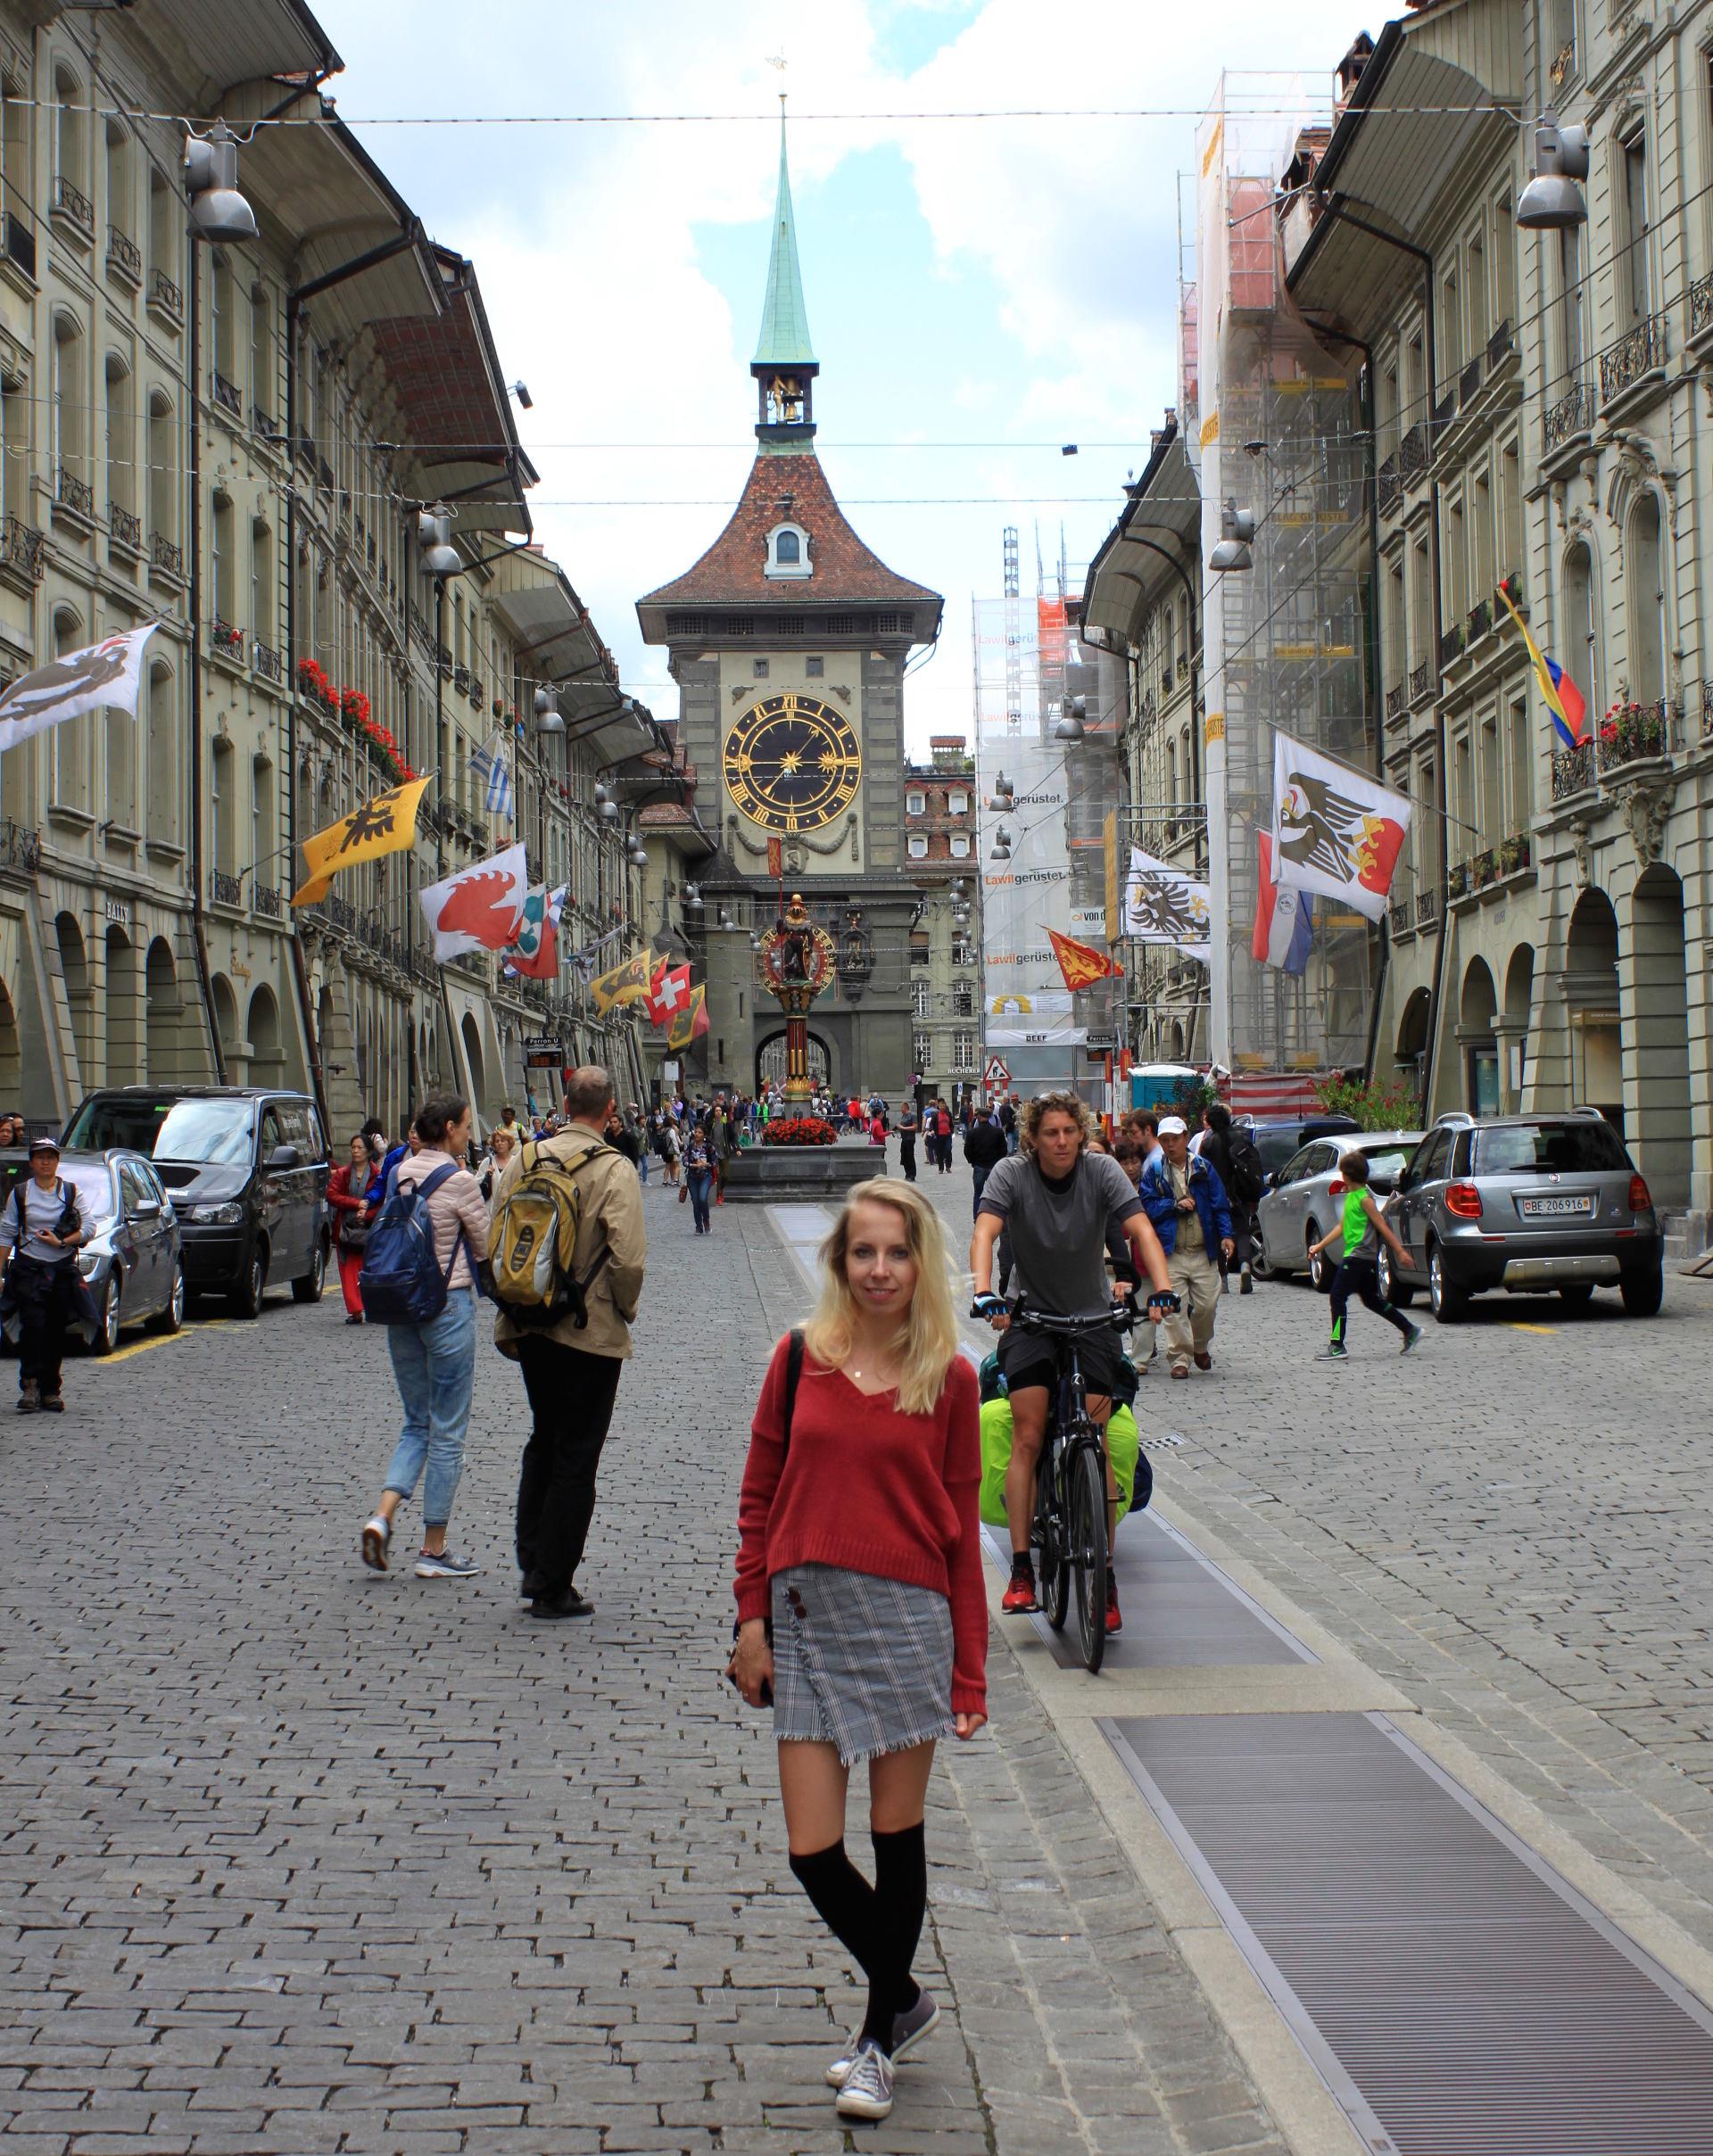 szwajcaria berno bern brama miastakamienice wiezazegarowa zegar staremiasto stolica iglawpodrozy